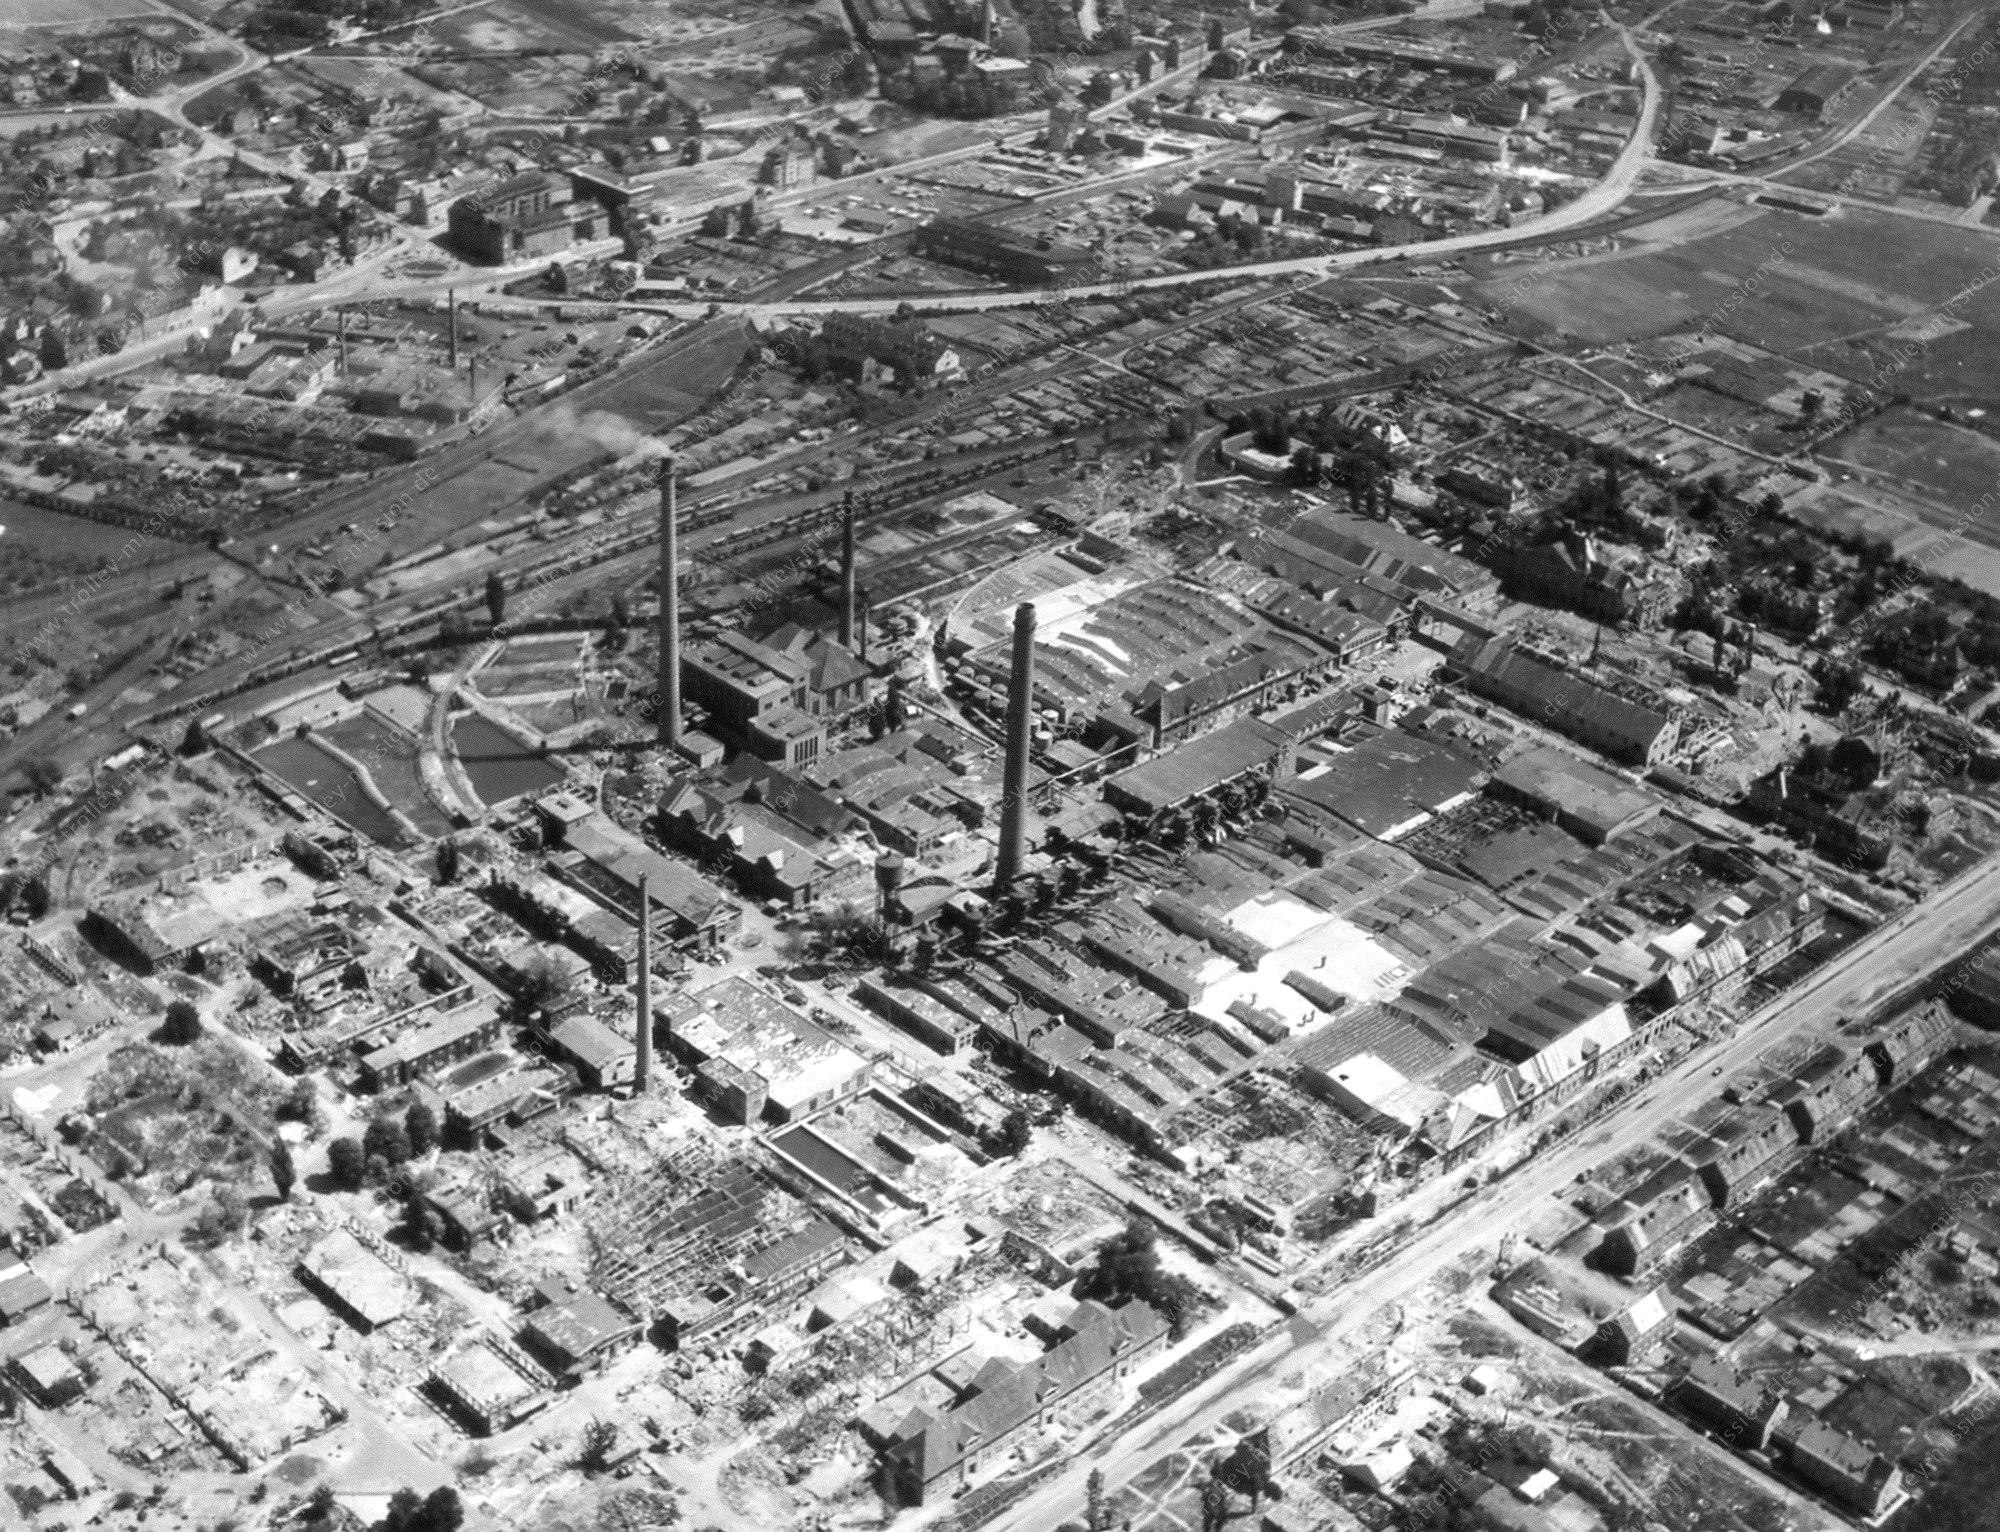 Luftbild vom Motorenbau Werk Kassel zwischen der Lilienthalstraße und dem Leipziger Platz in Kassel-Bettenhausen